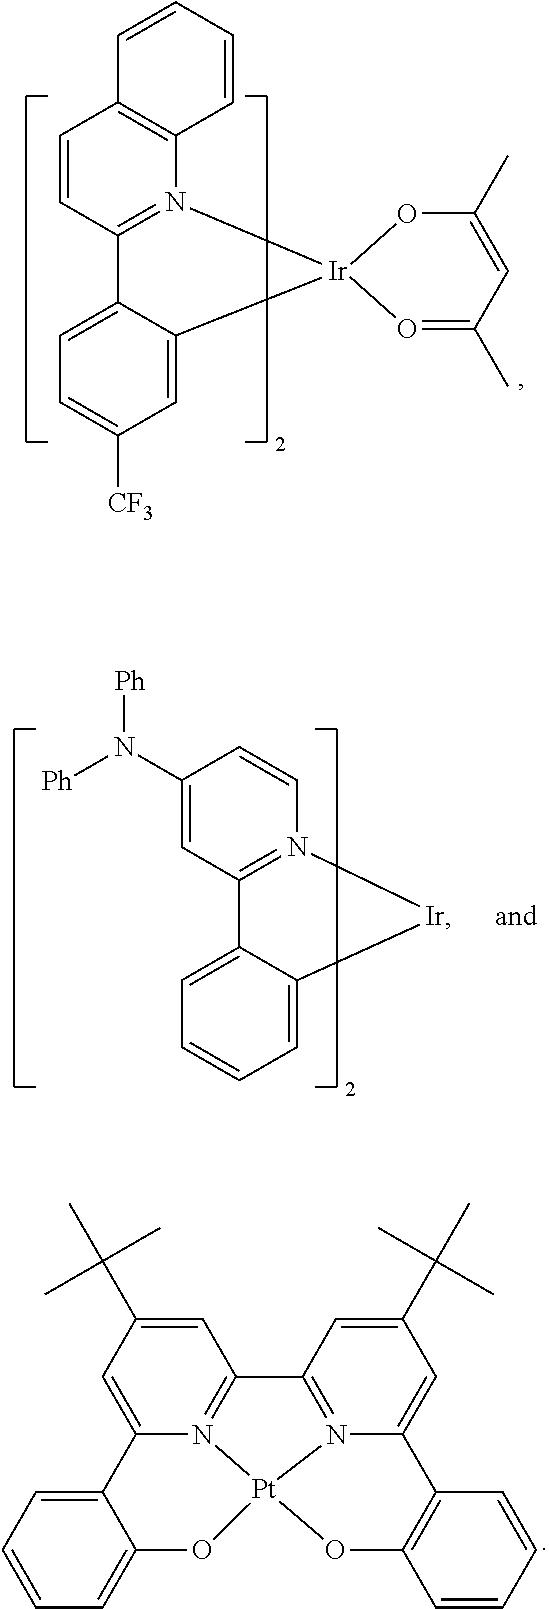 Figure US09859510-20180102-C00094